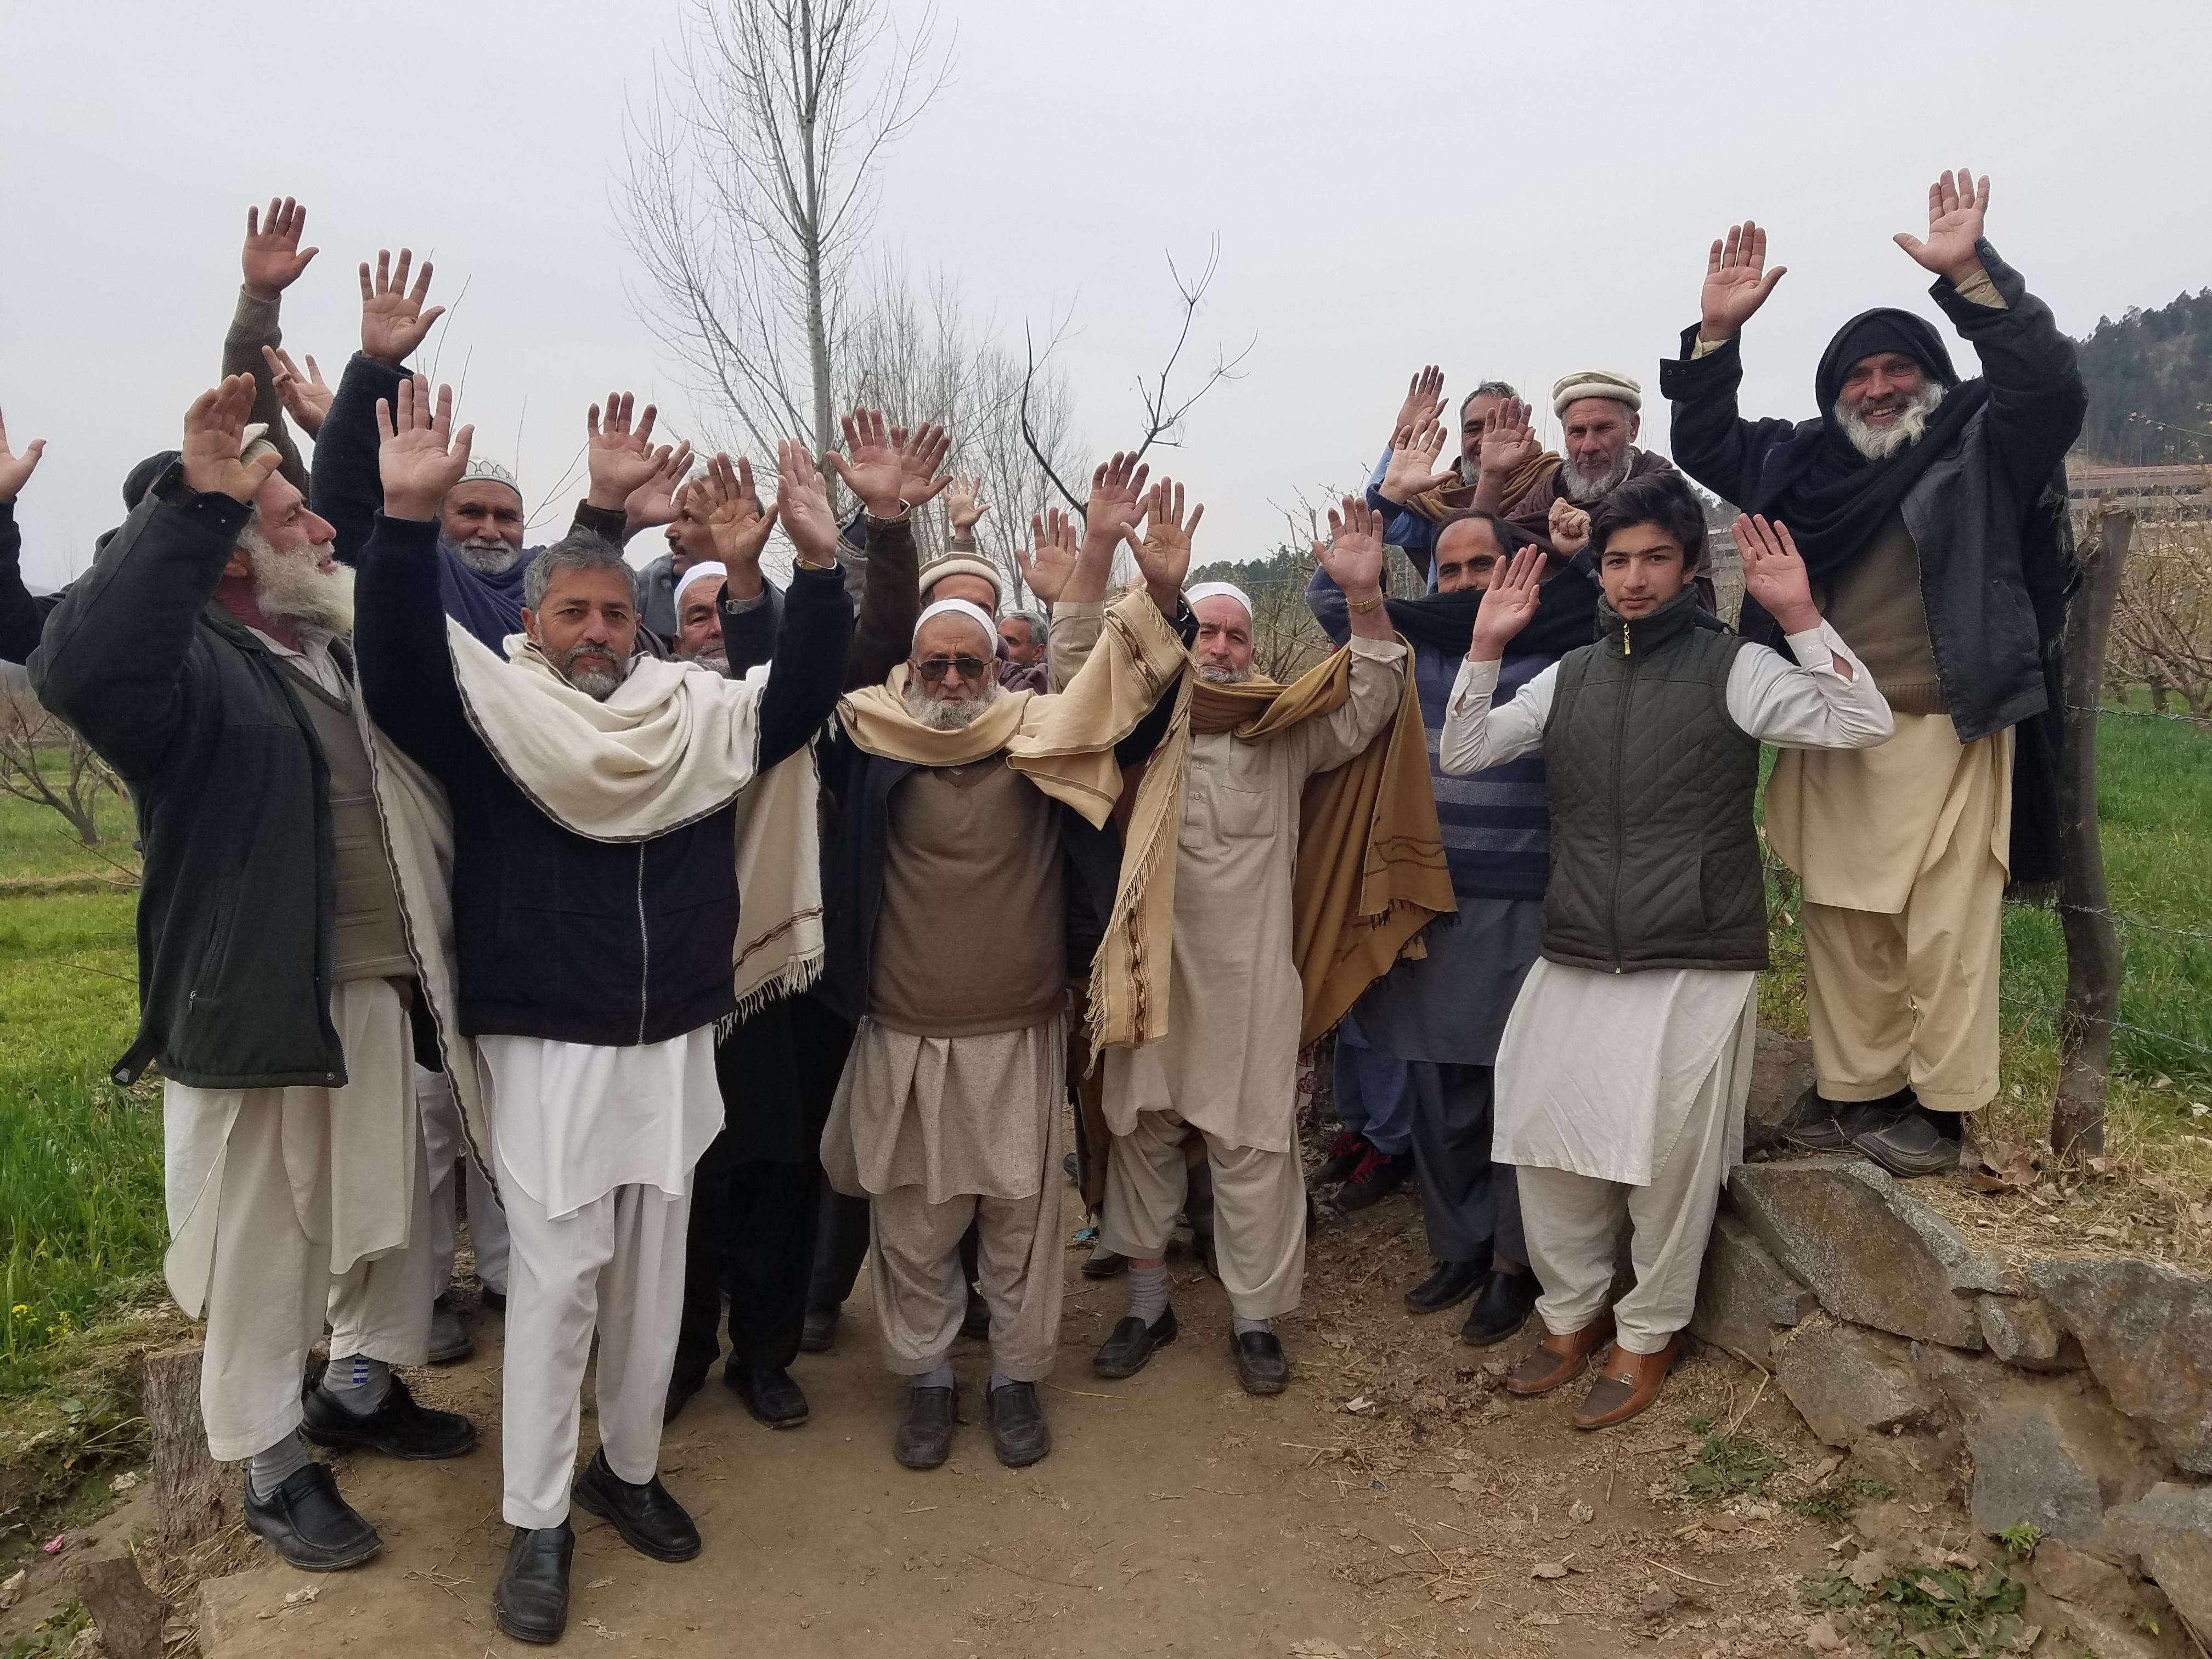 تحصیل کبل کے عوام کے ساتھ ایک بار پھر ظلم ، زمینیں ہائی وے نے لے لی ، اتوار کو احتجاج ہوگا